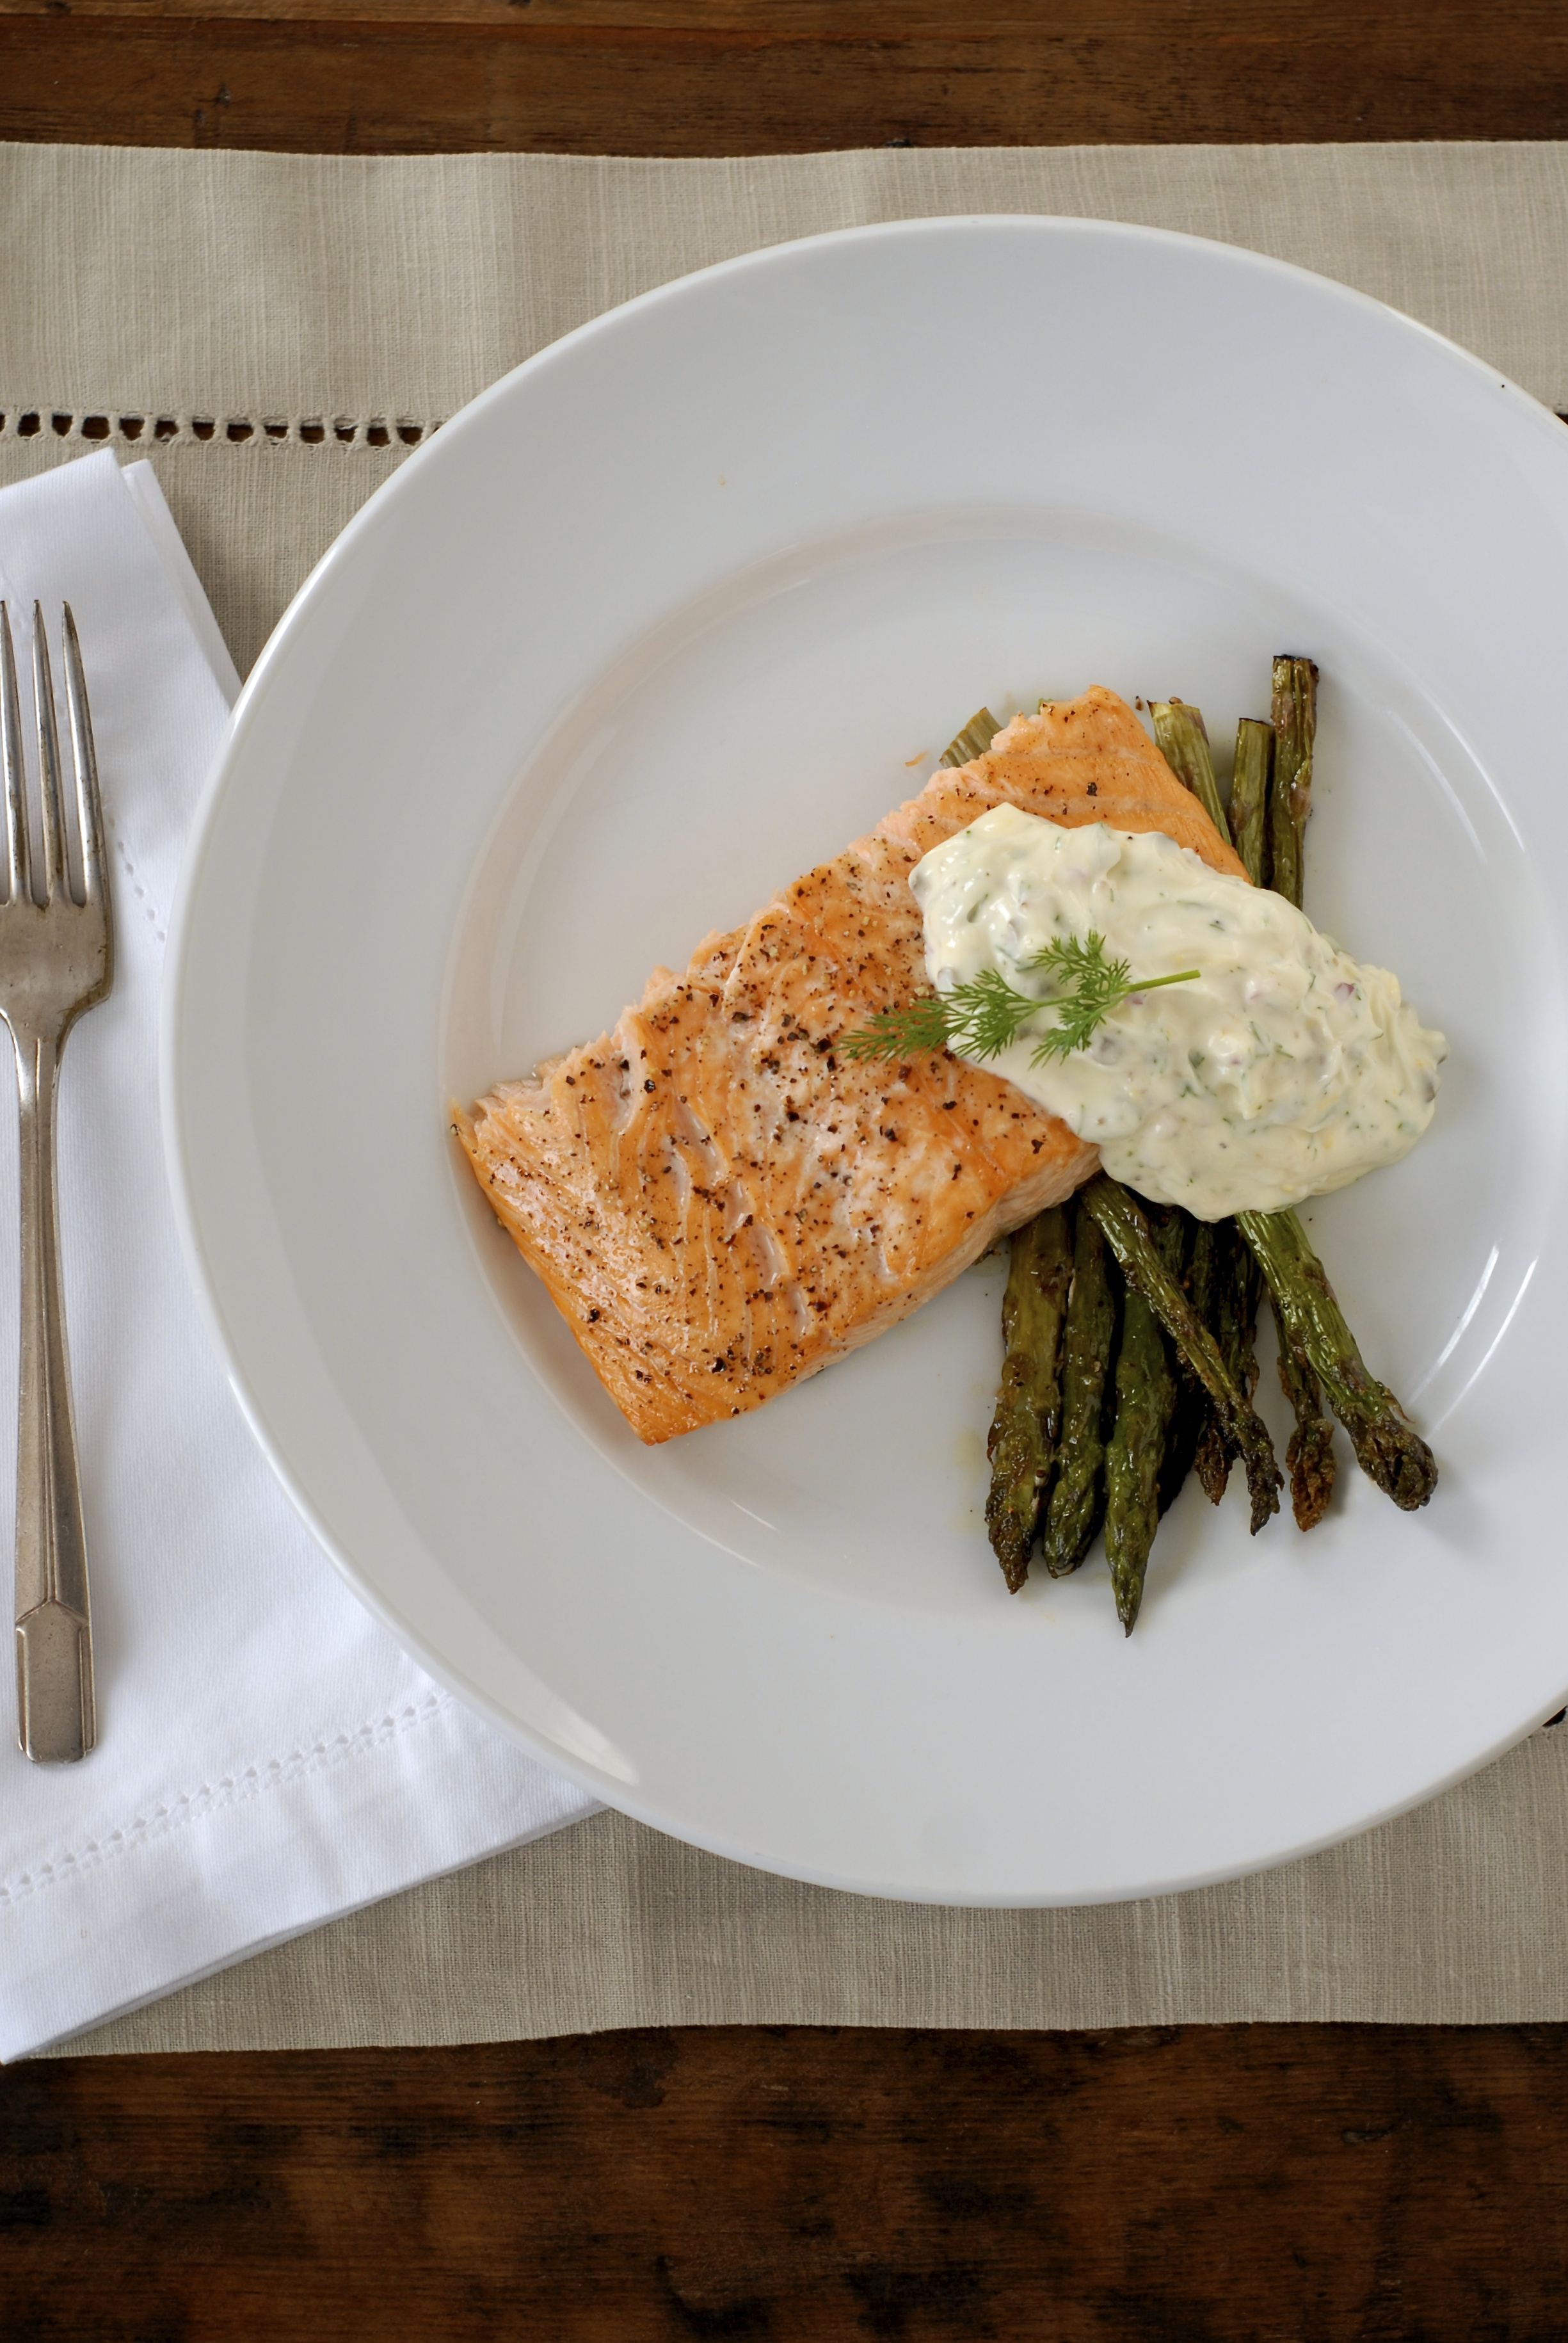 Roasted Salmon & Asparagus with Lemon-Caper-Dill Aioli